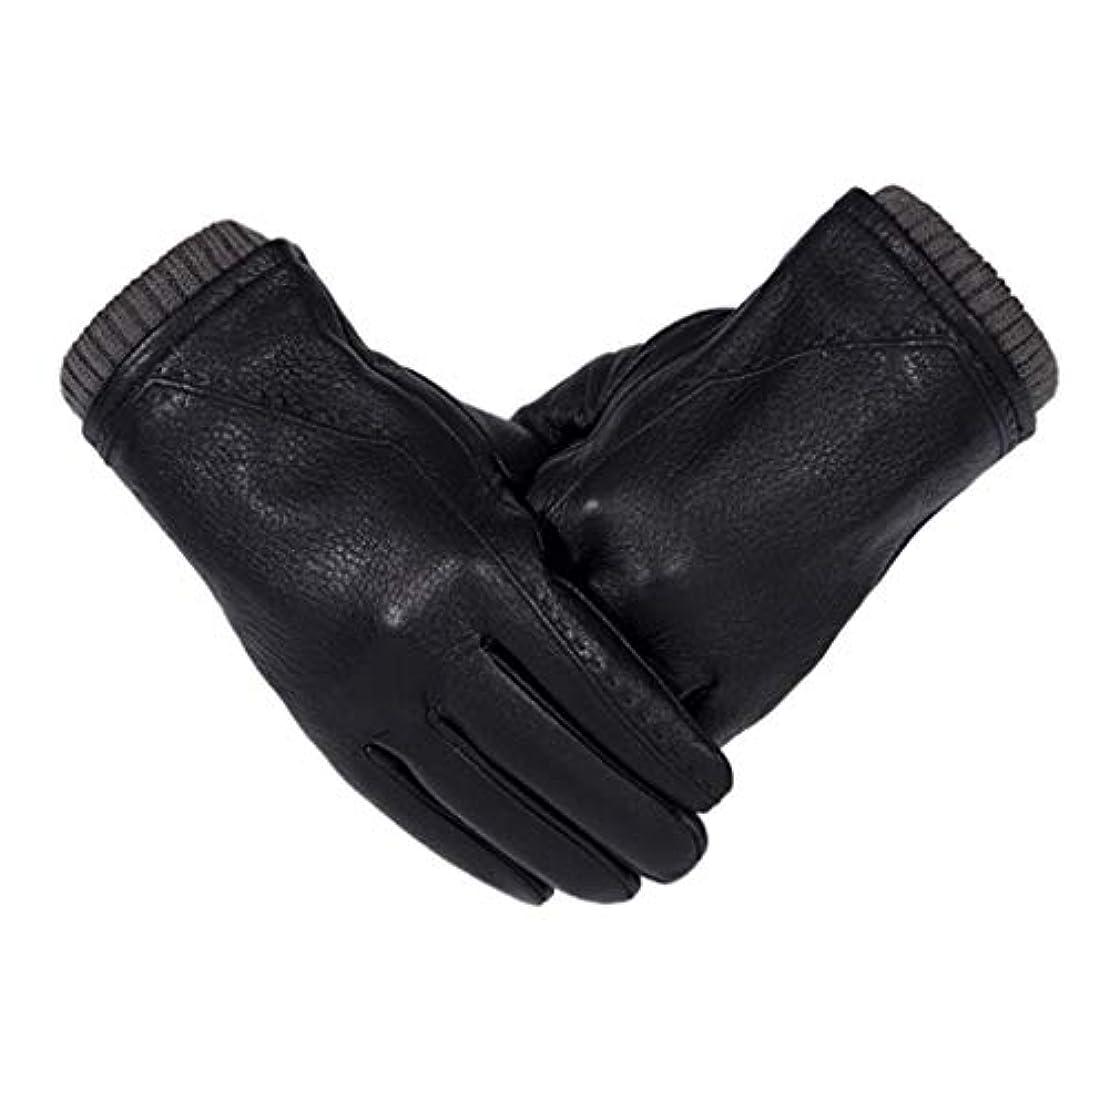 内陸デッドくま革の手袋男性の冬の厚いタッチタッチスクリーン駆動サイクリング男性の暖かい手袋